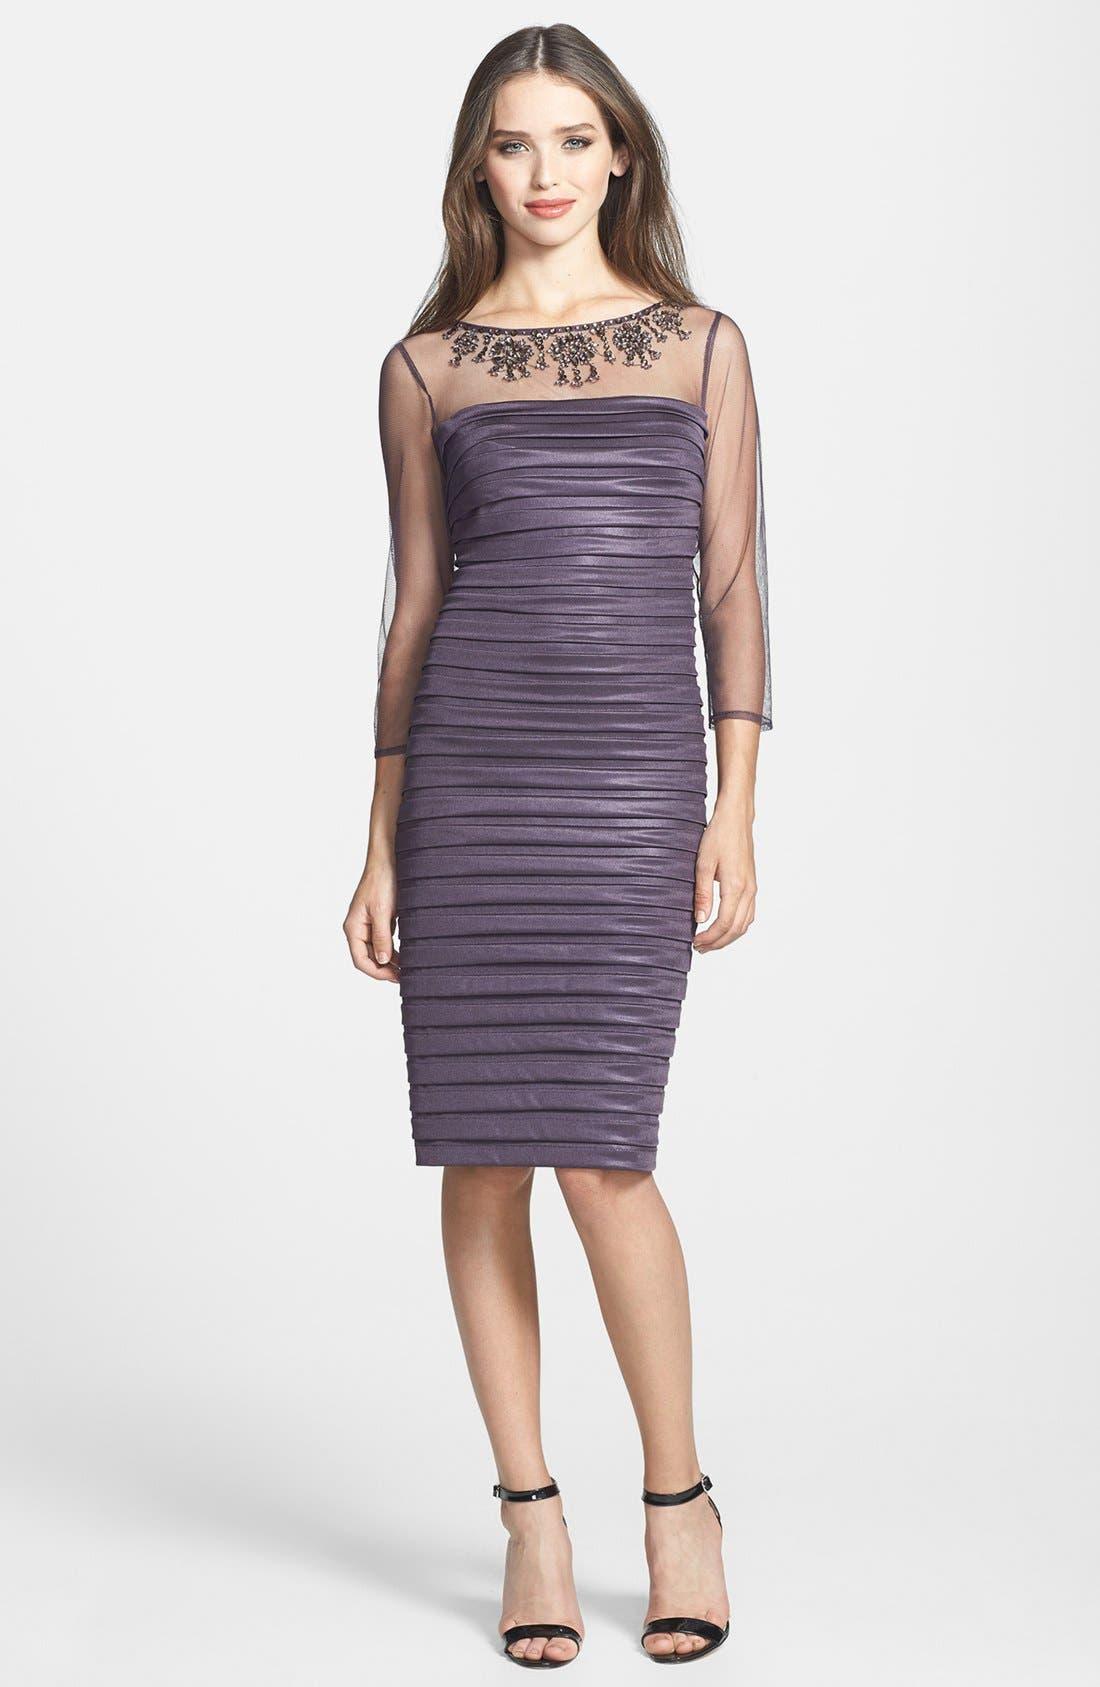 Alternate Image 1 Selected - Adrianna Papell Embellished Illusion Yoke Banded Sheath Dress